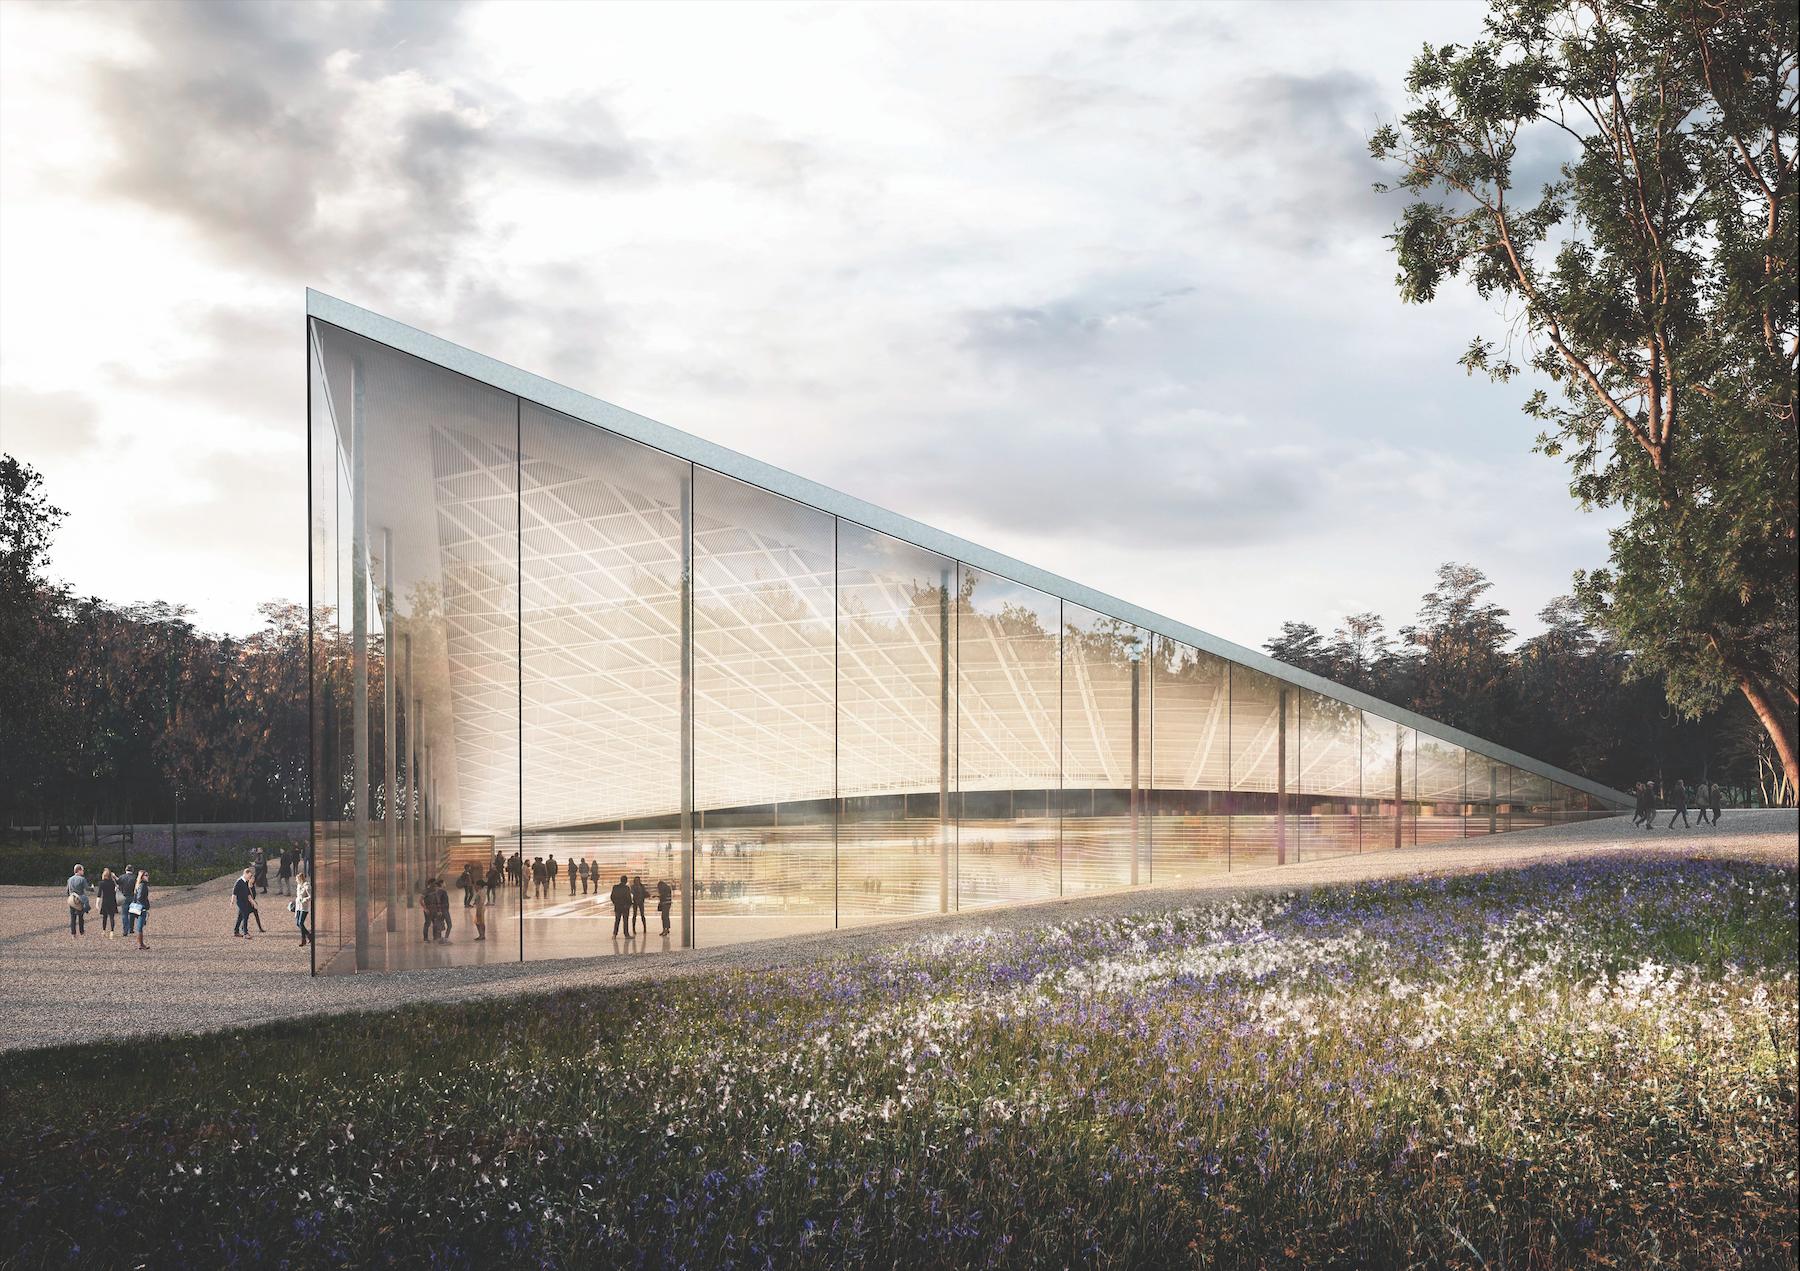 f5278e693e449661fdf6841e2fdaa072 Стало відомо ім'я  переможця архітектурного конкурсу на кращий проект меморіального центру Голокосту в Києві